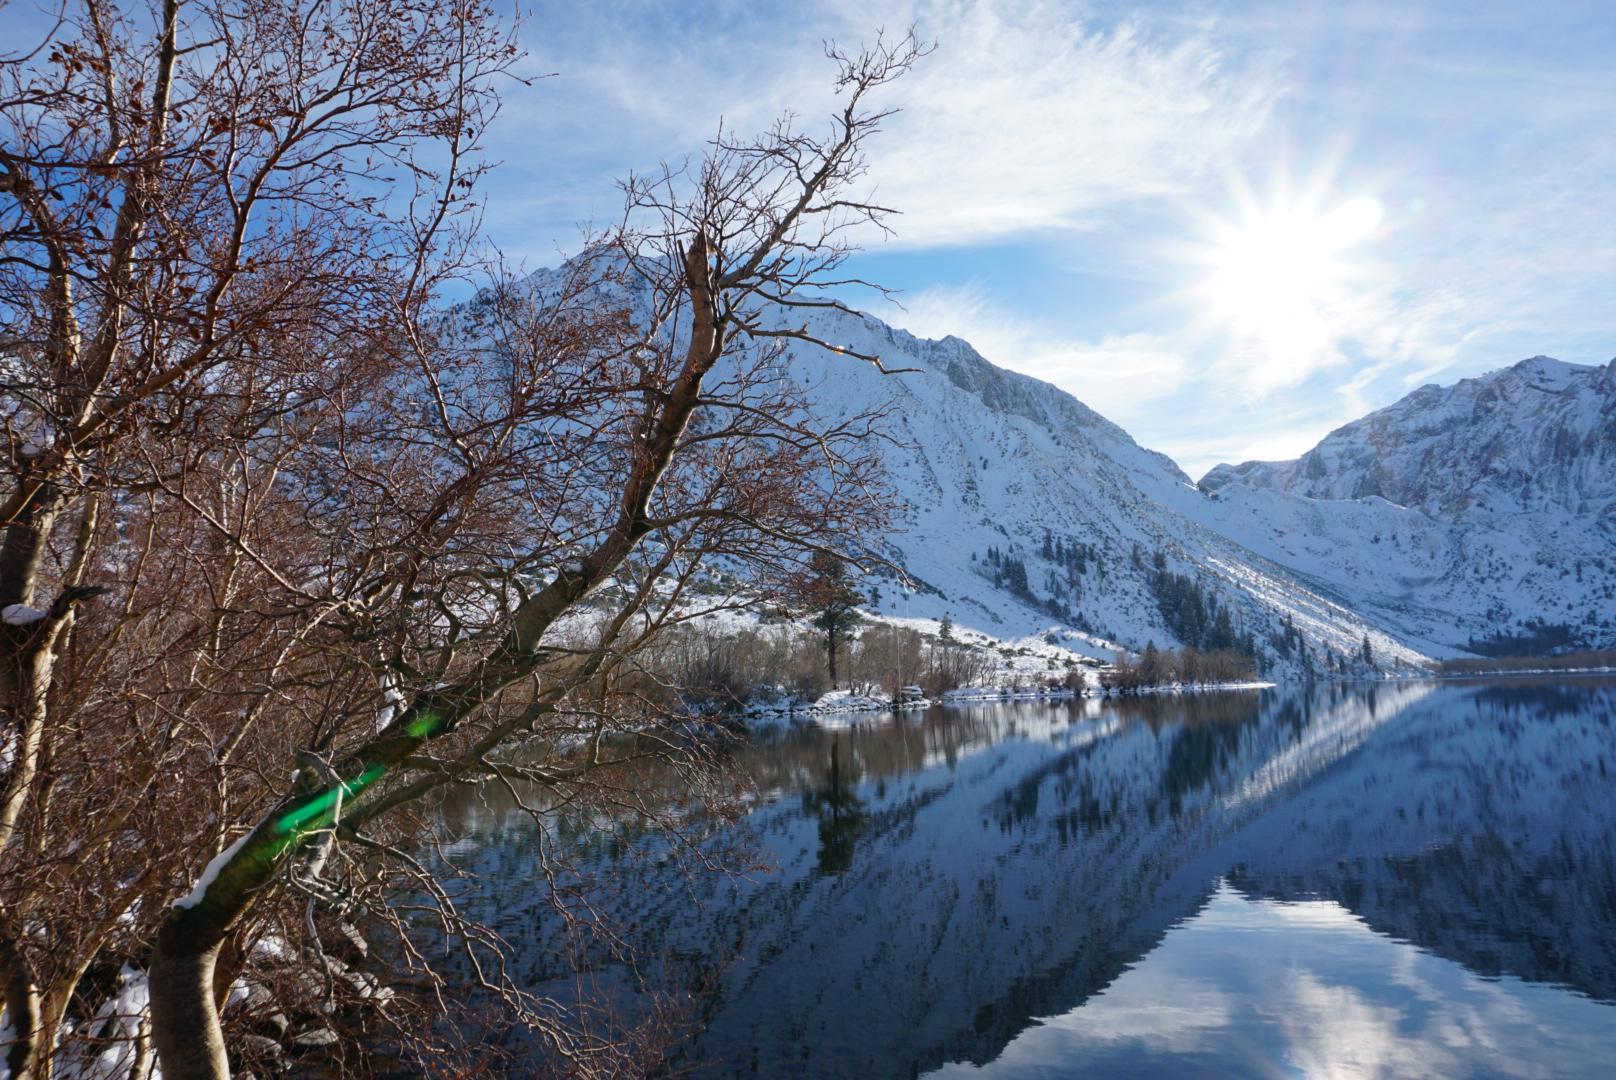 Convict Lake in the Winter